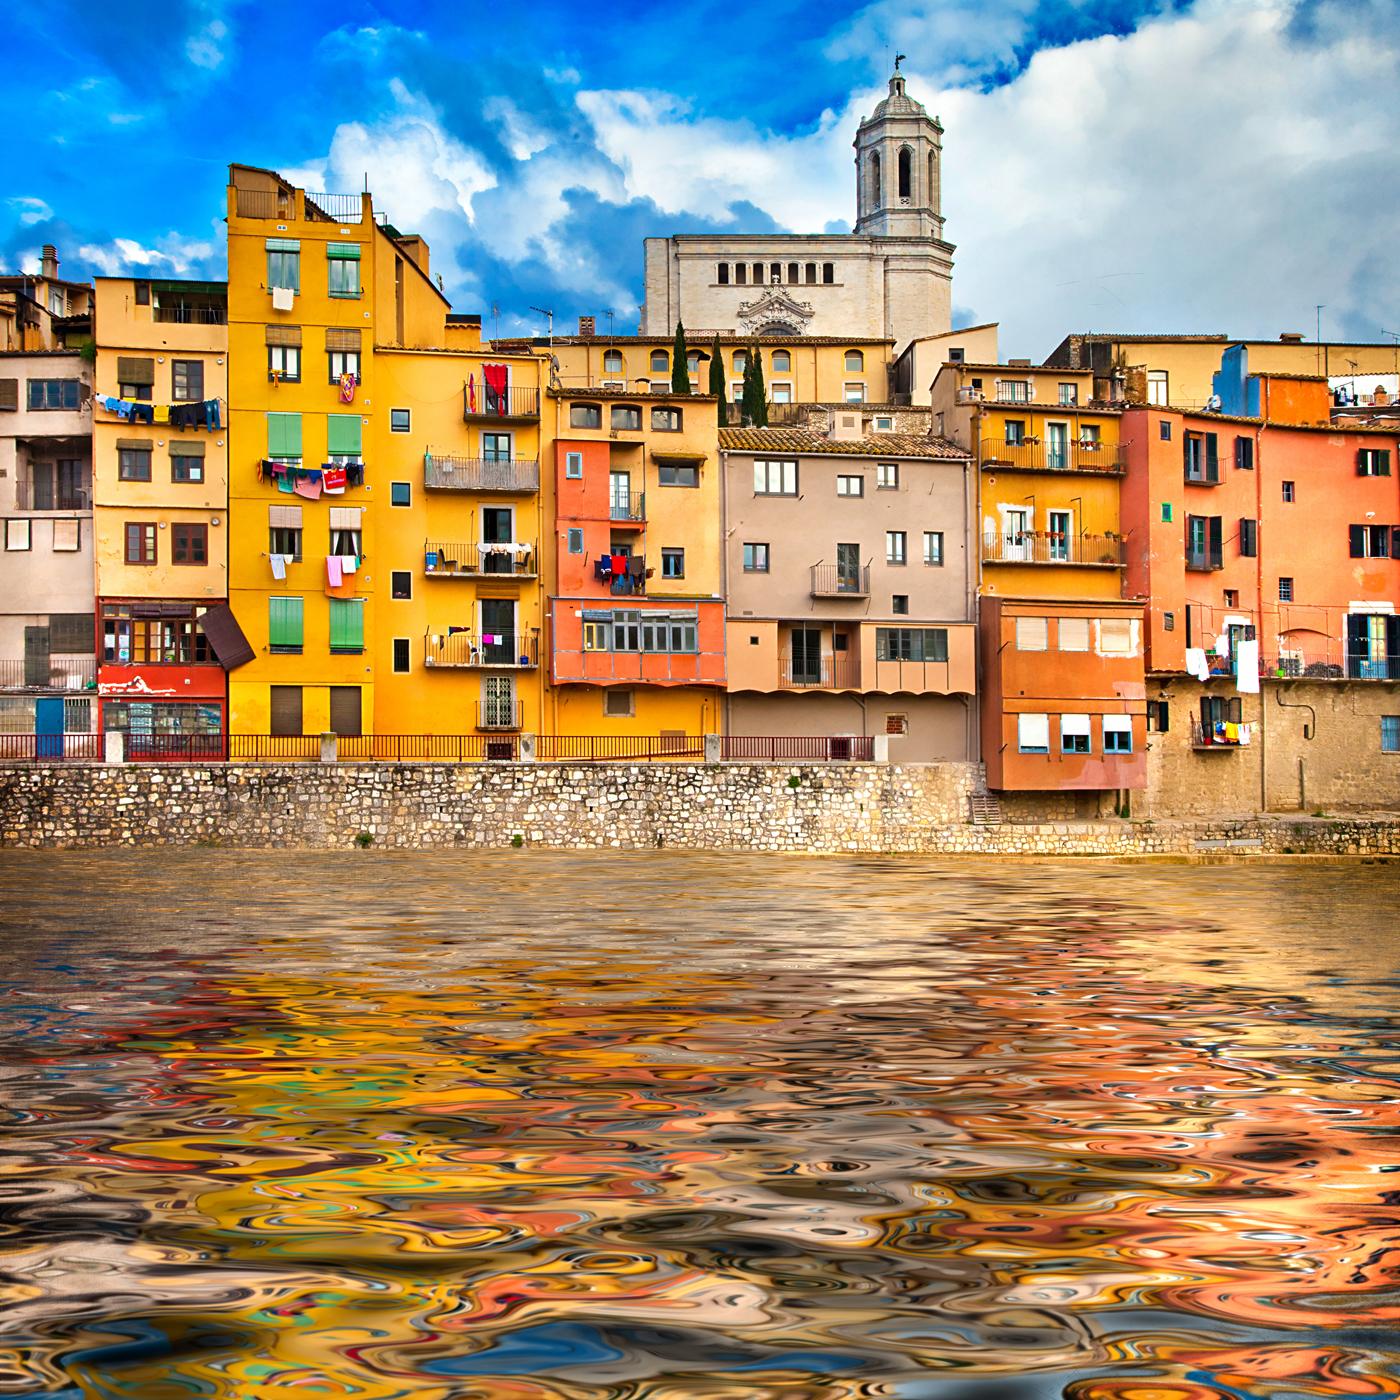 Girona, una ciudad salpicada de colores. Foto: shutterstock.